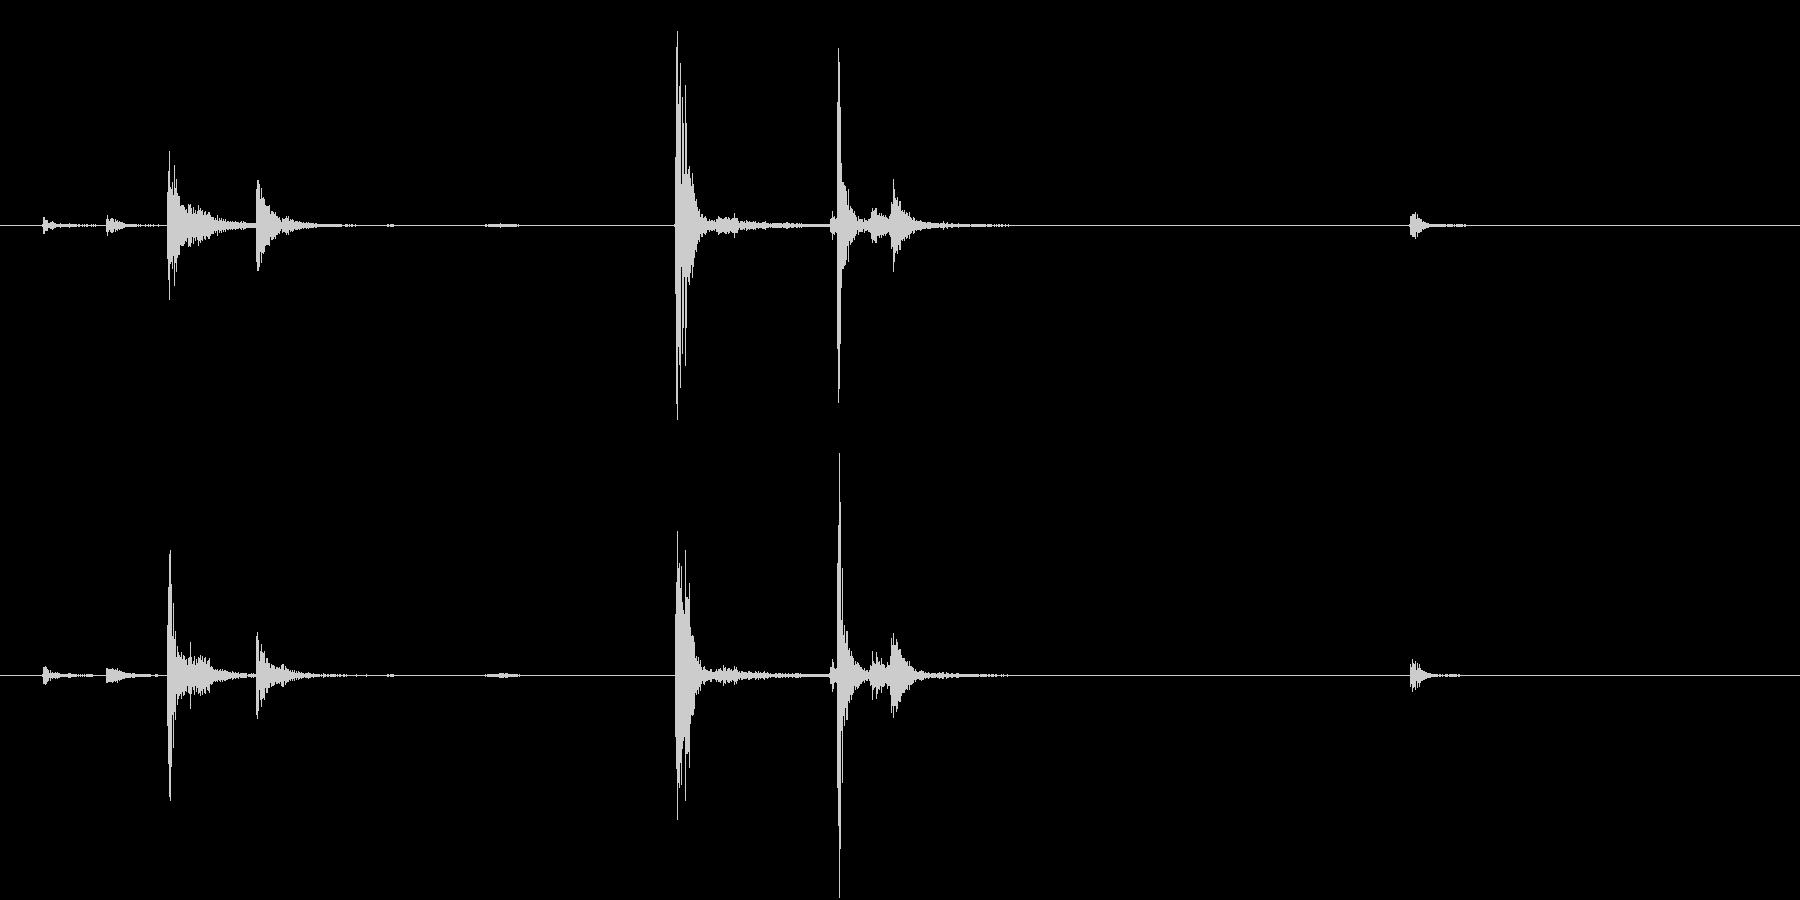 【生録音】お箸の音 40 一回かき込むの未再生の波形